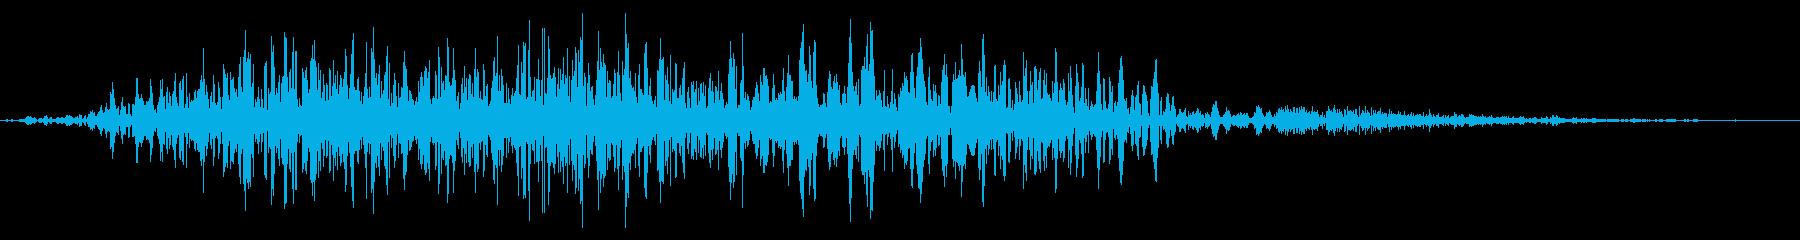 フライング ドラゴン キャラタップ 悲しの再生済みの波形